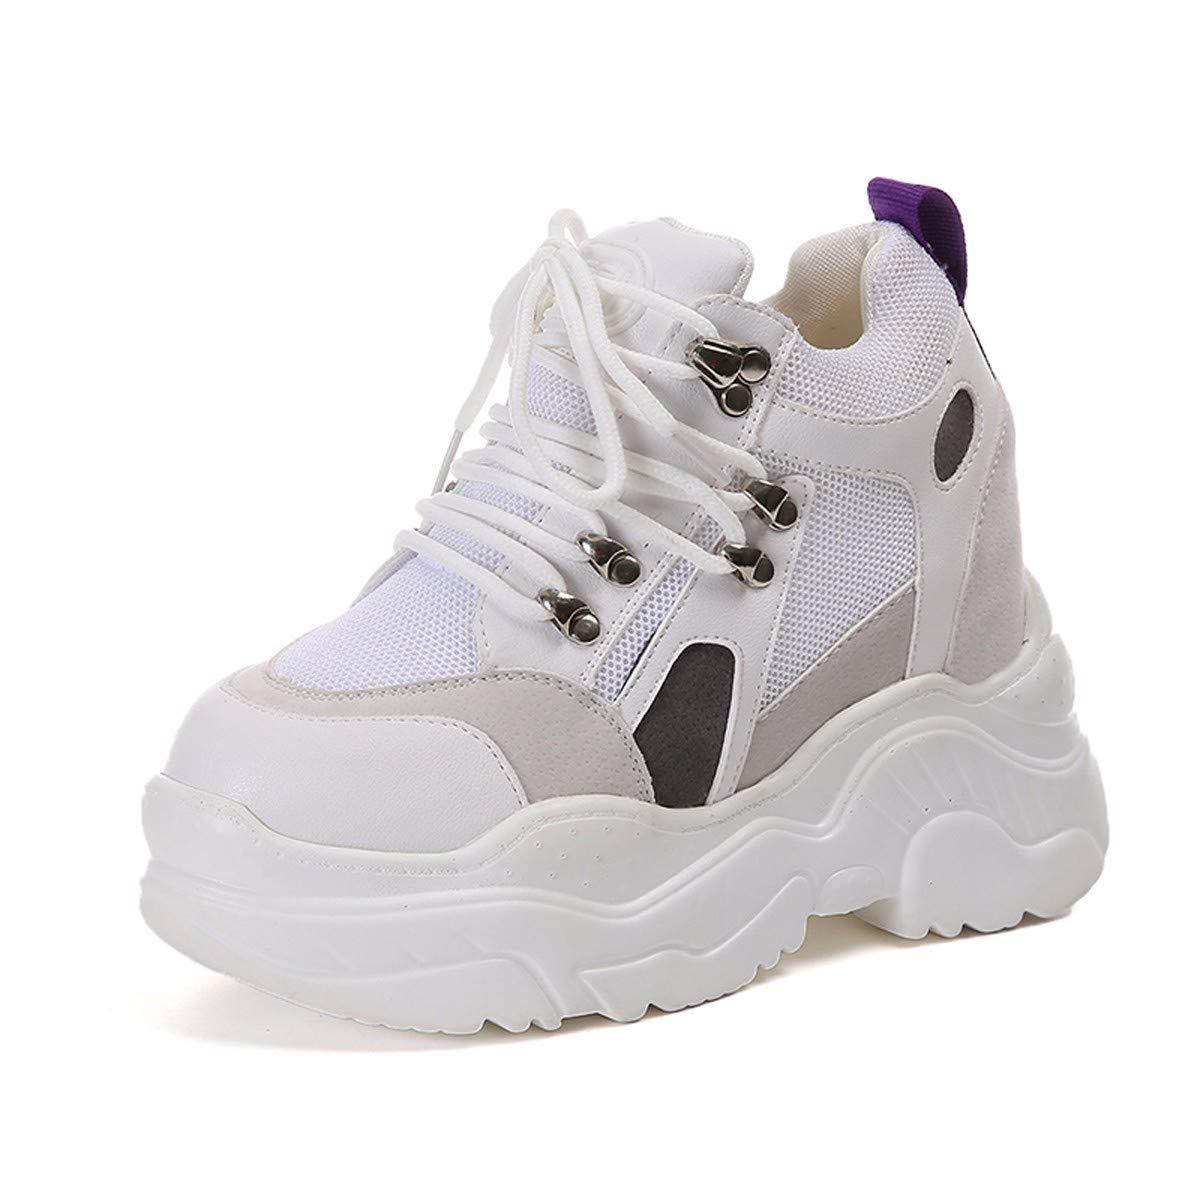 GTVERNH Frauen Schuhe/Damenschuhe Herbst Joker 7Cm High Heels Vorstand Sport - Schuhe Schuhe